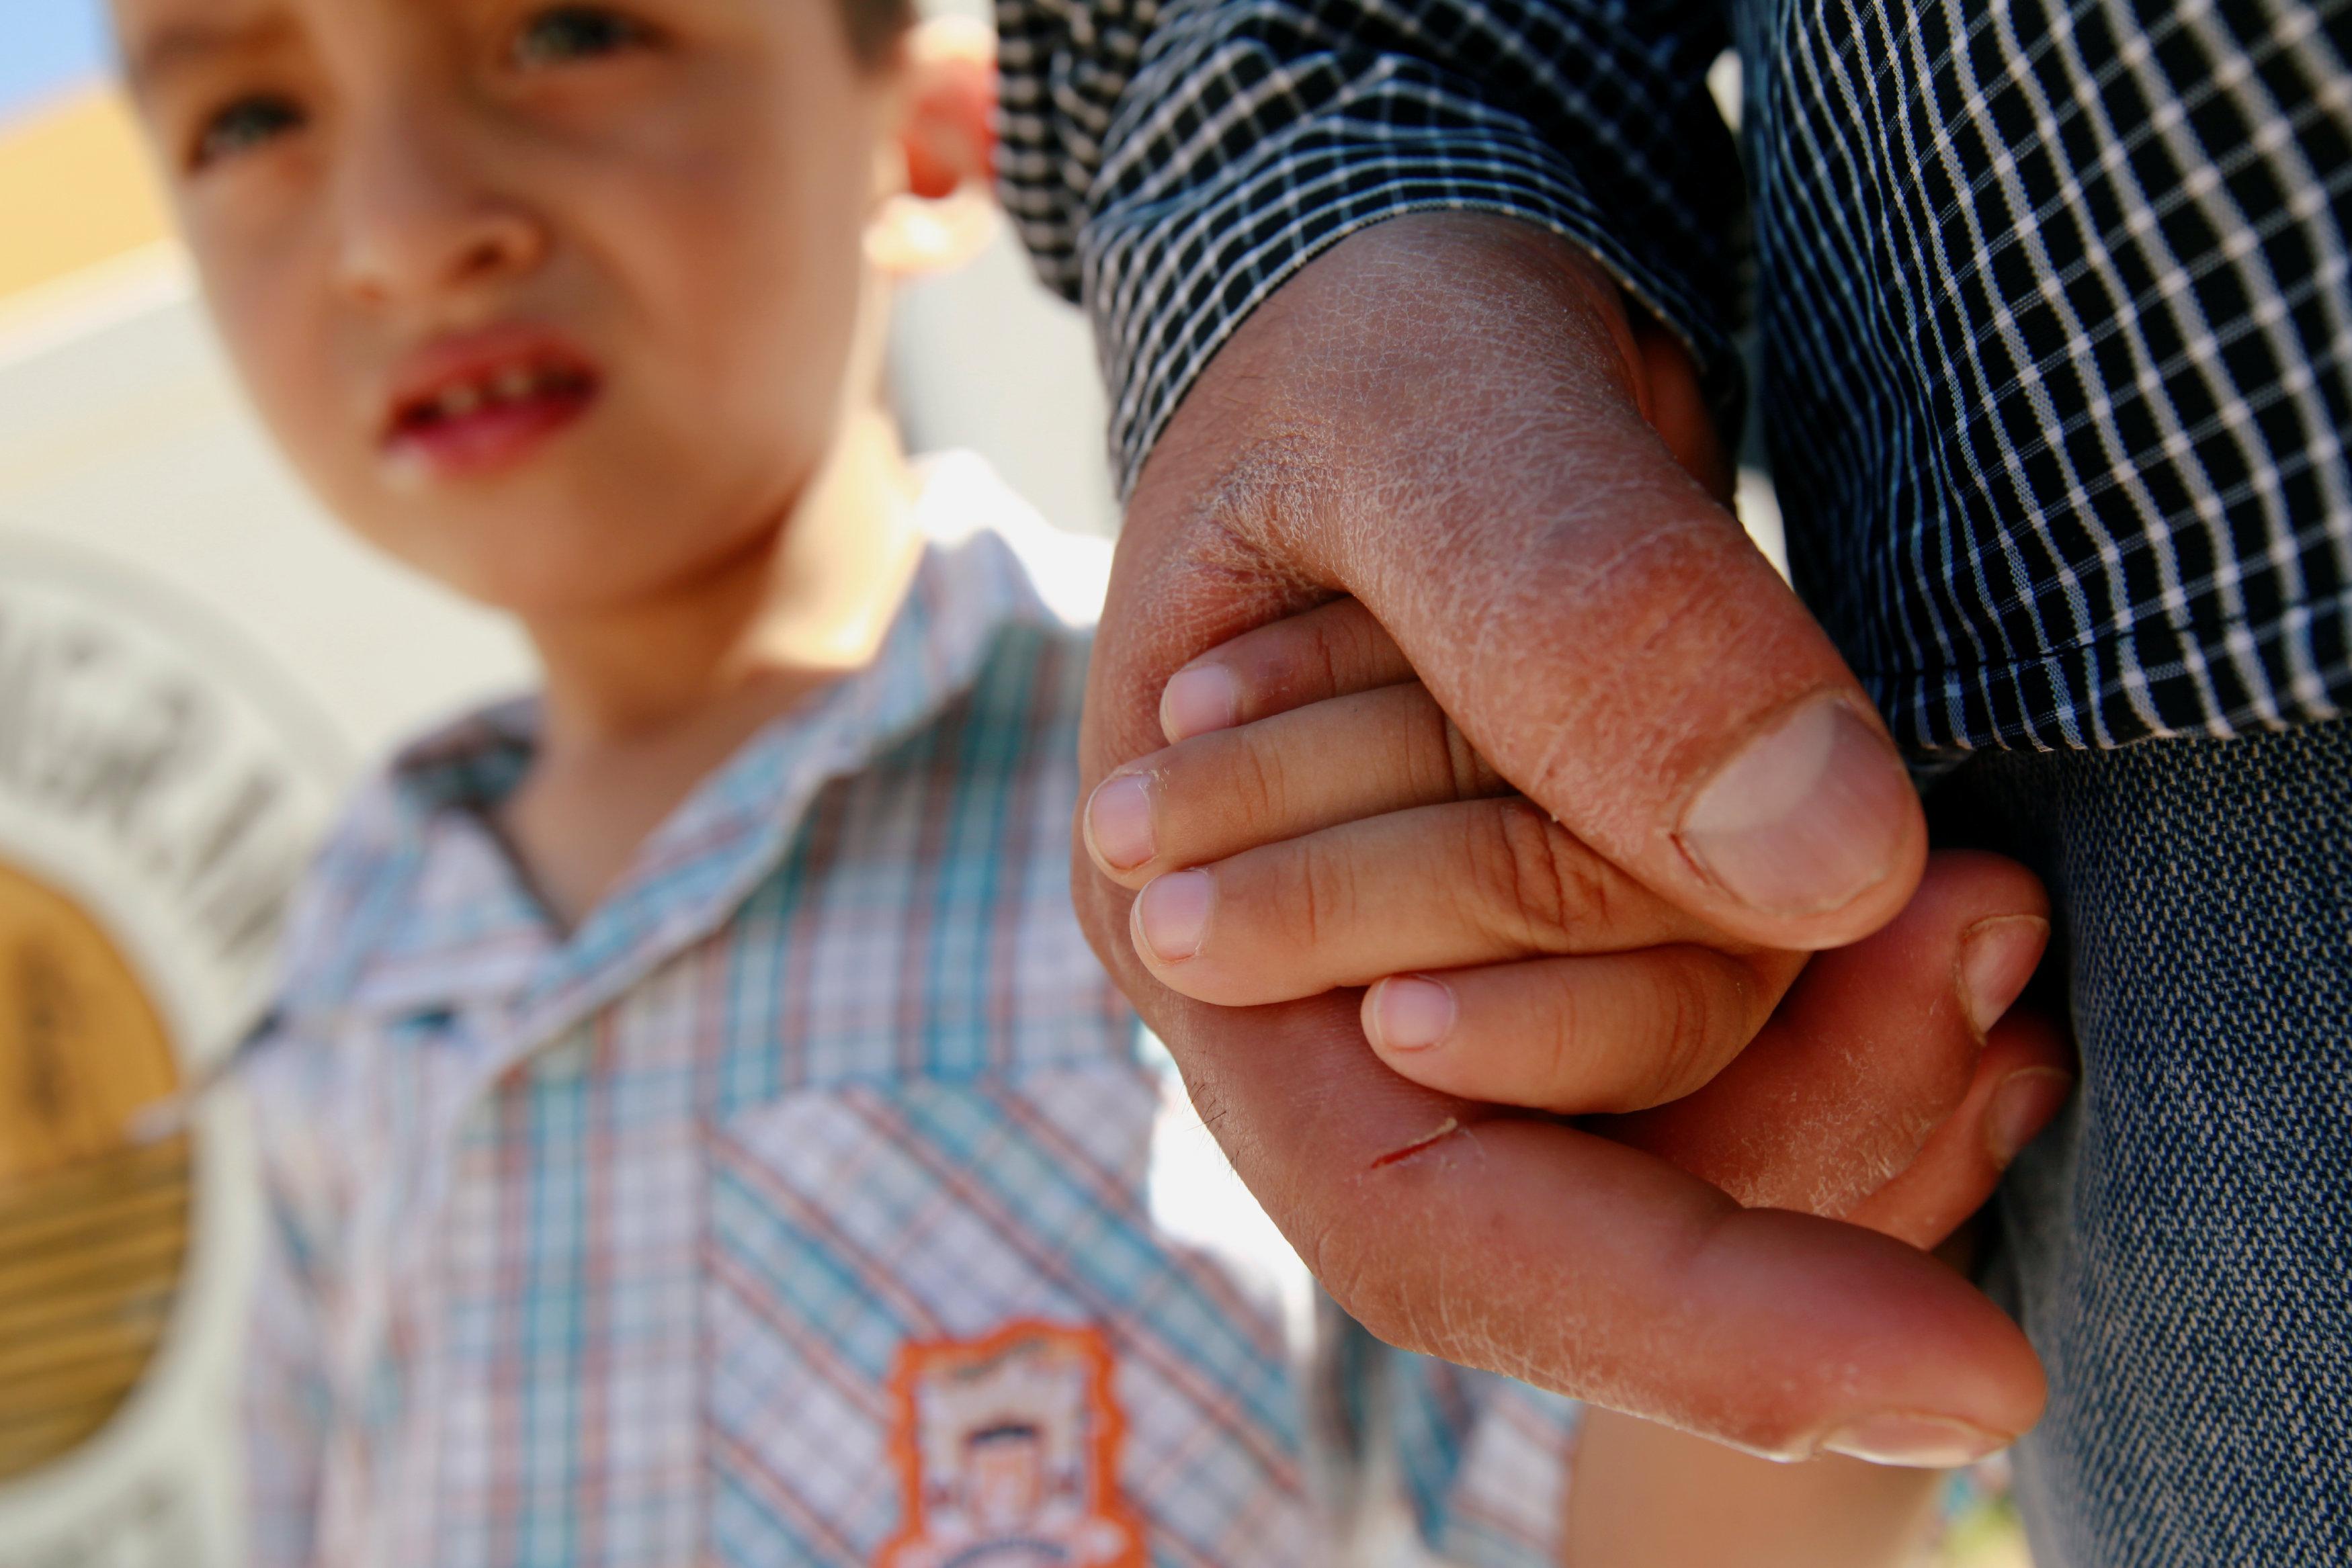 薩爾瓦多無證移民山天諾帶著三歲兒子留在墨西哥一處庇護所。(路透)